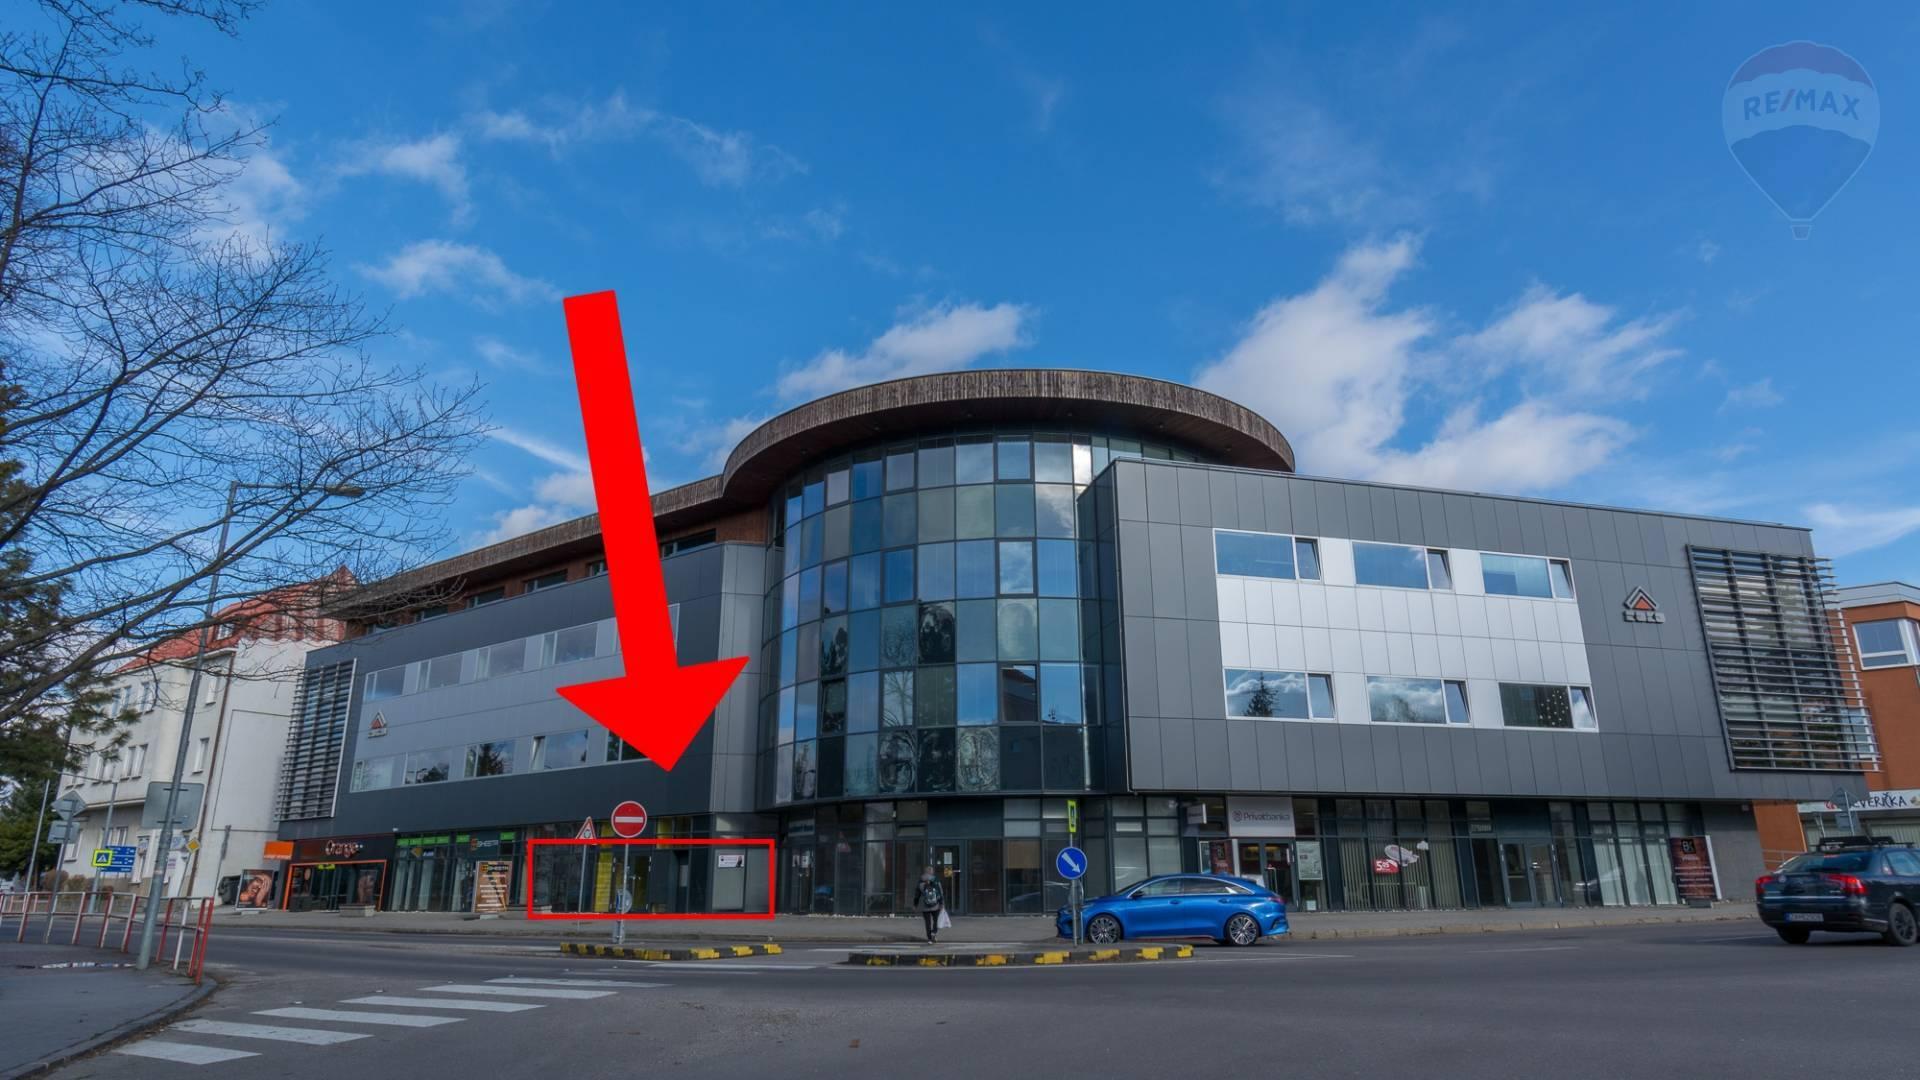 PRENÁJOM reprezentatívne Komerčné priestory 175 m2 Prievidza centrum